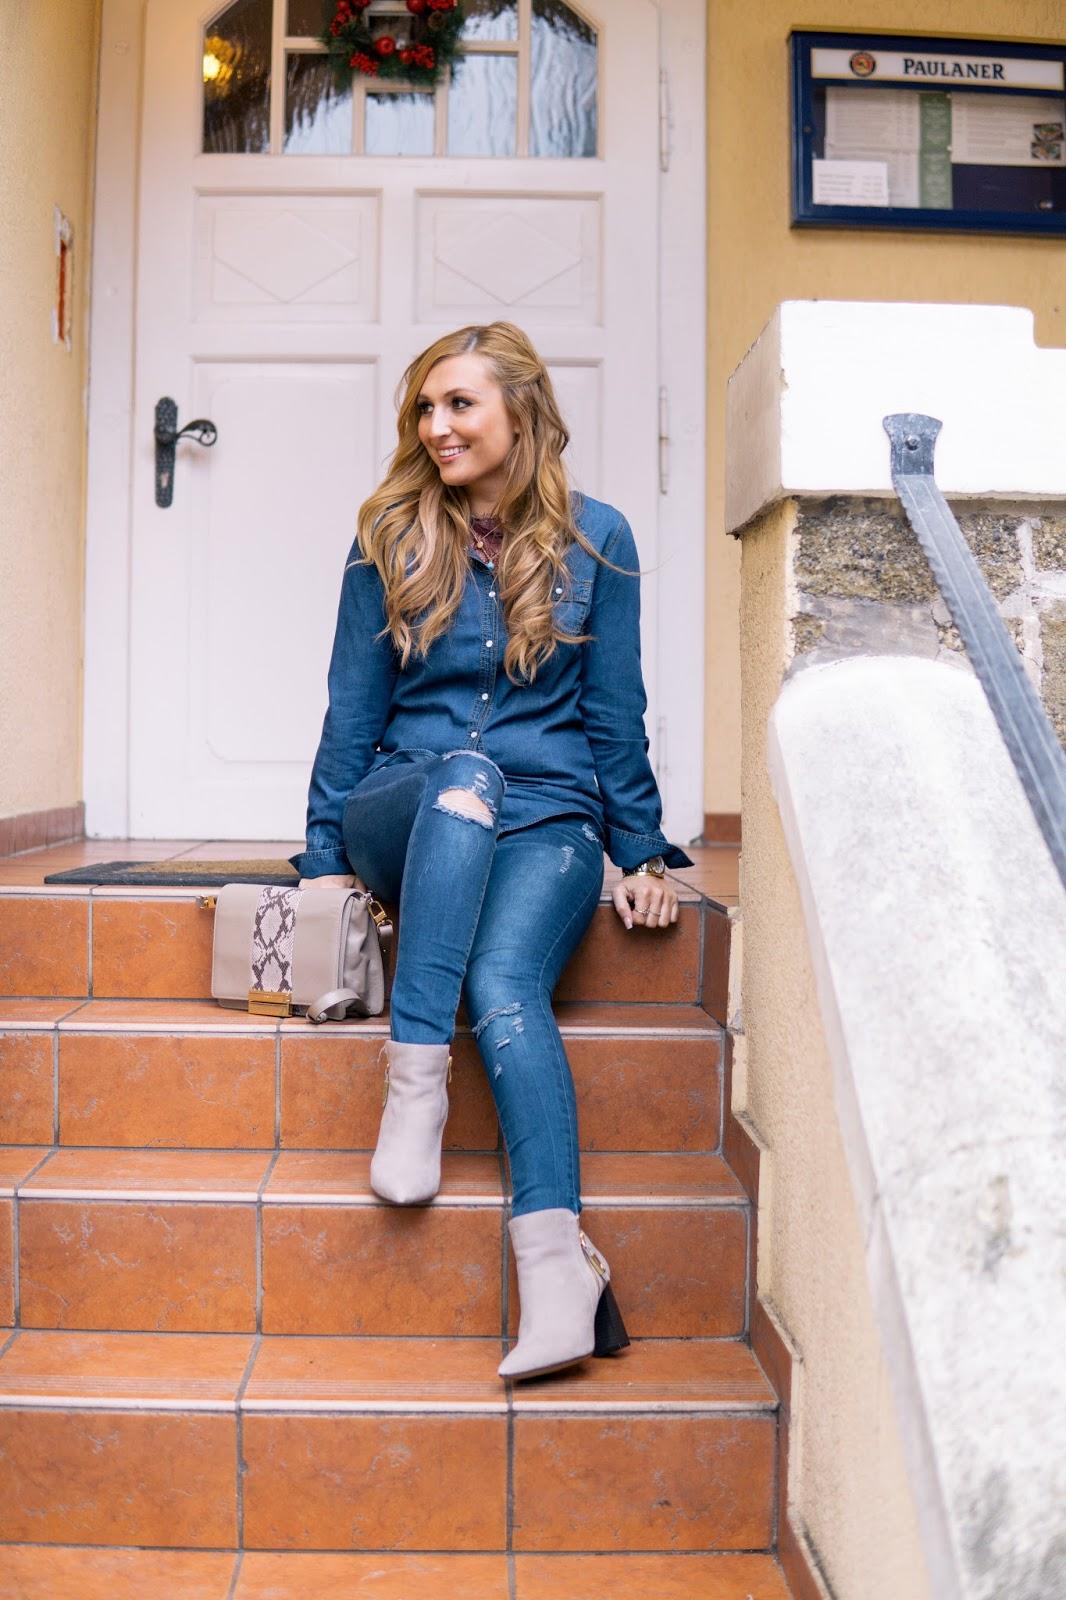 Jeanslook-Jeans-Hemd-Wie-kombiniert-man-ein-jeans-hemd-Komplett-Jeans-Look-Bloggerstyle-Fashionstylebyjohanna